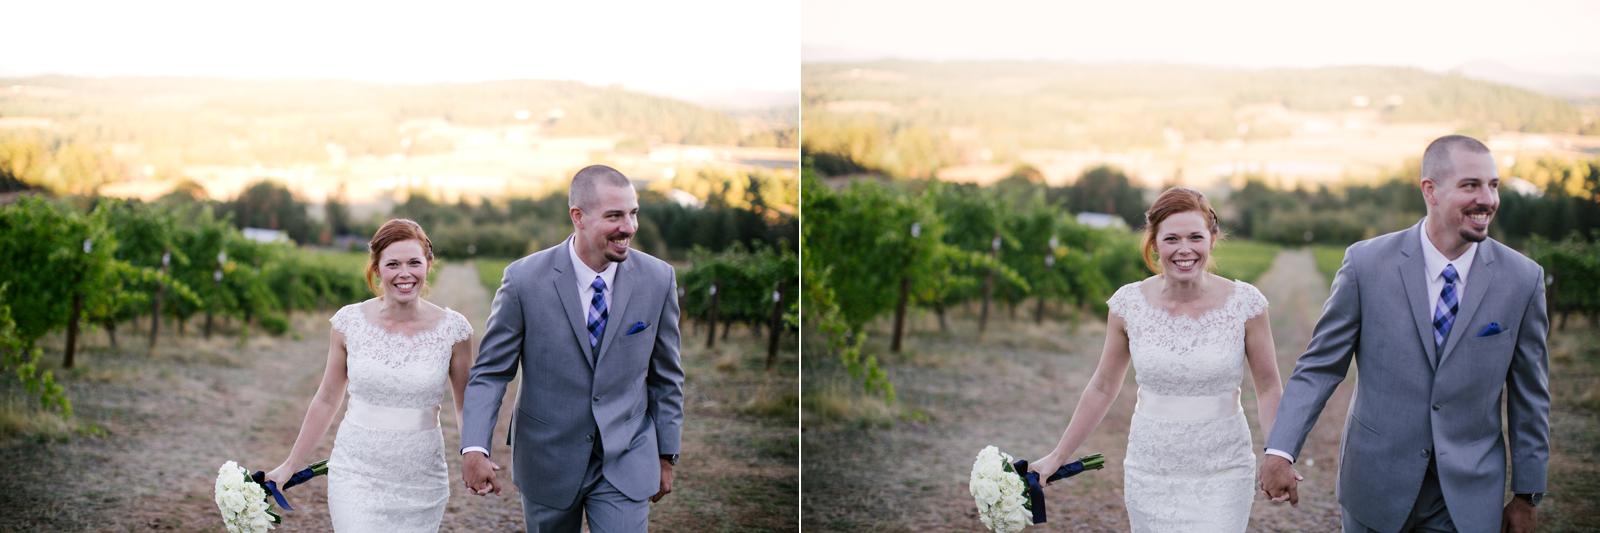 055-daronjackson-rich-wedding.jpg